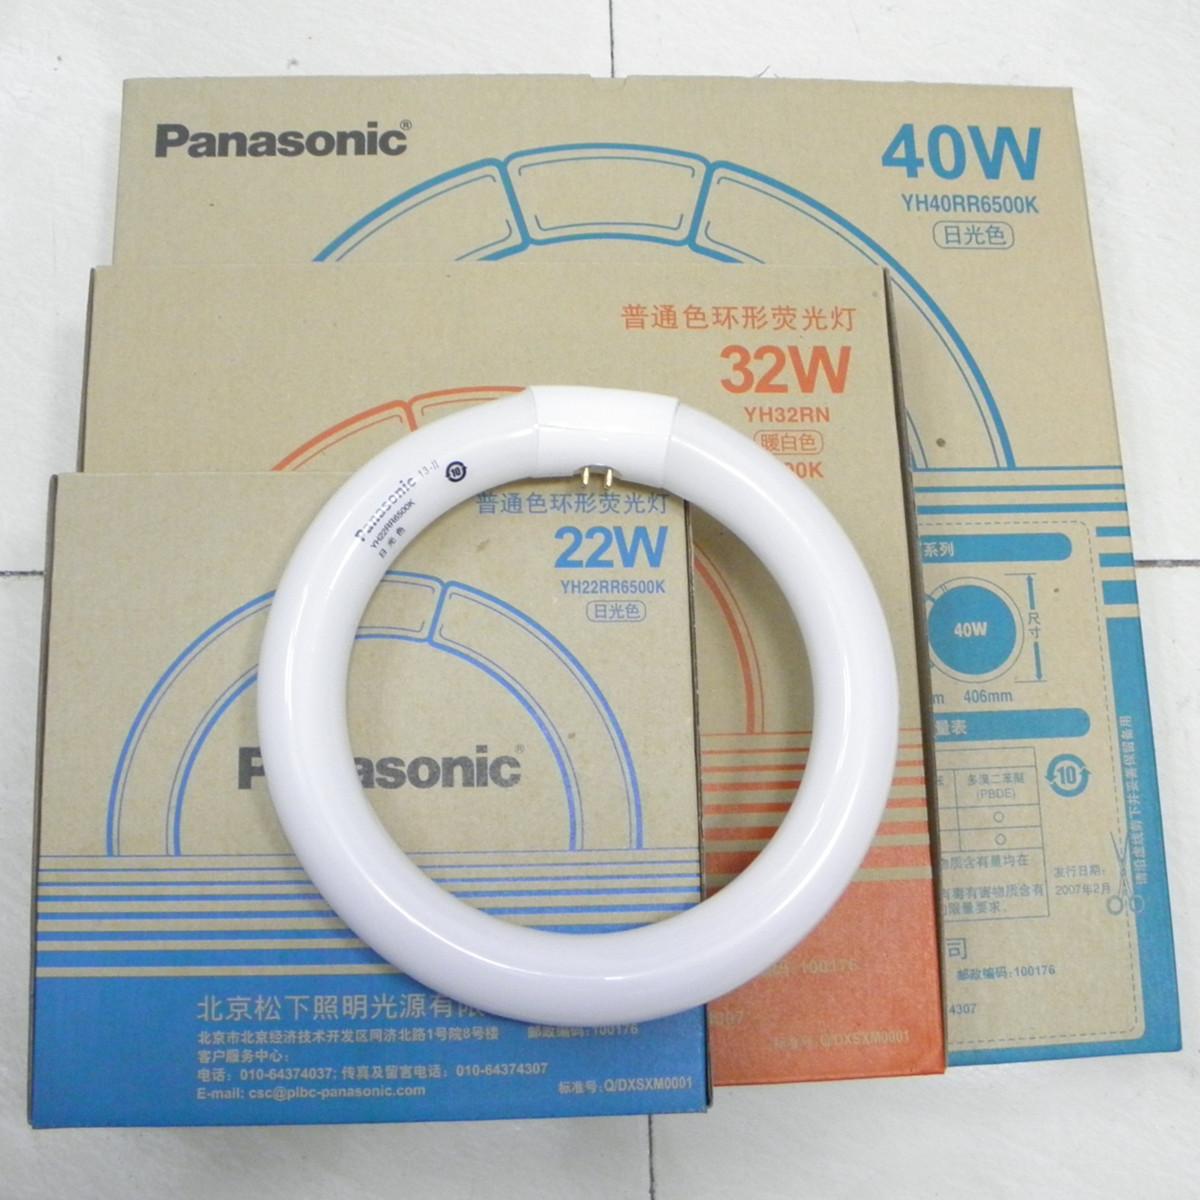 松下 T8荧光灯管 YH22W 32W 40W T8环形节能灯管  7200K三基色